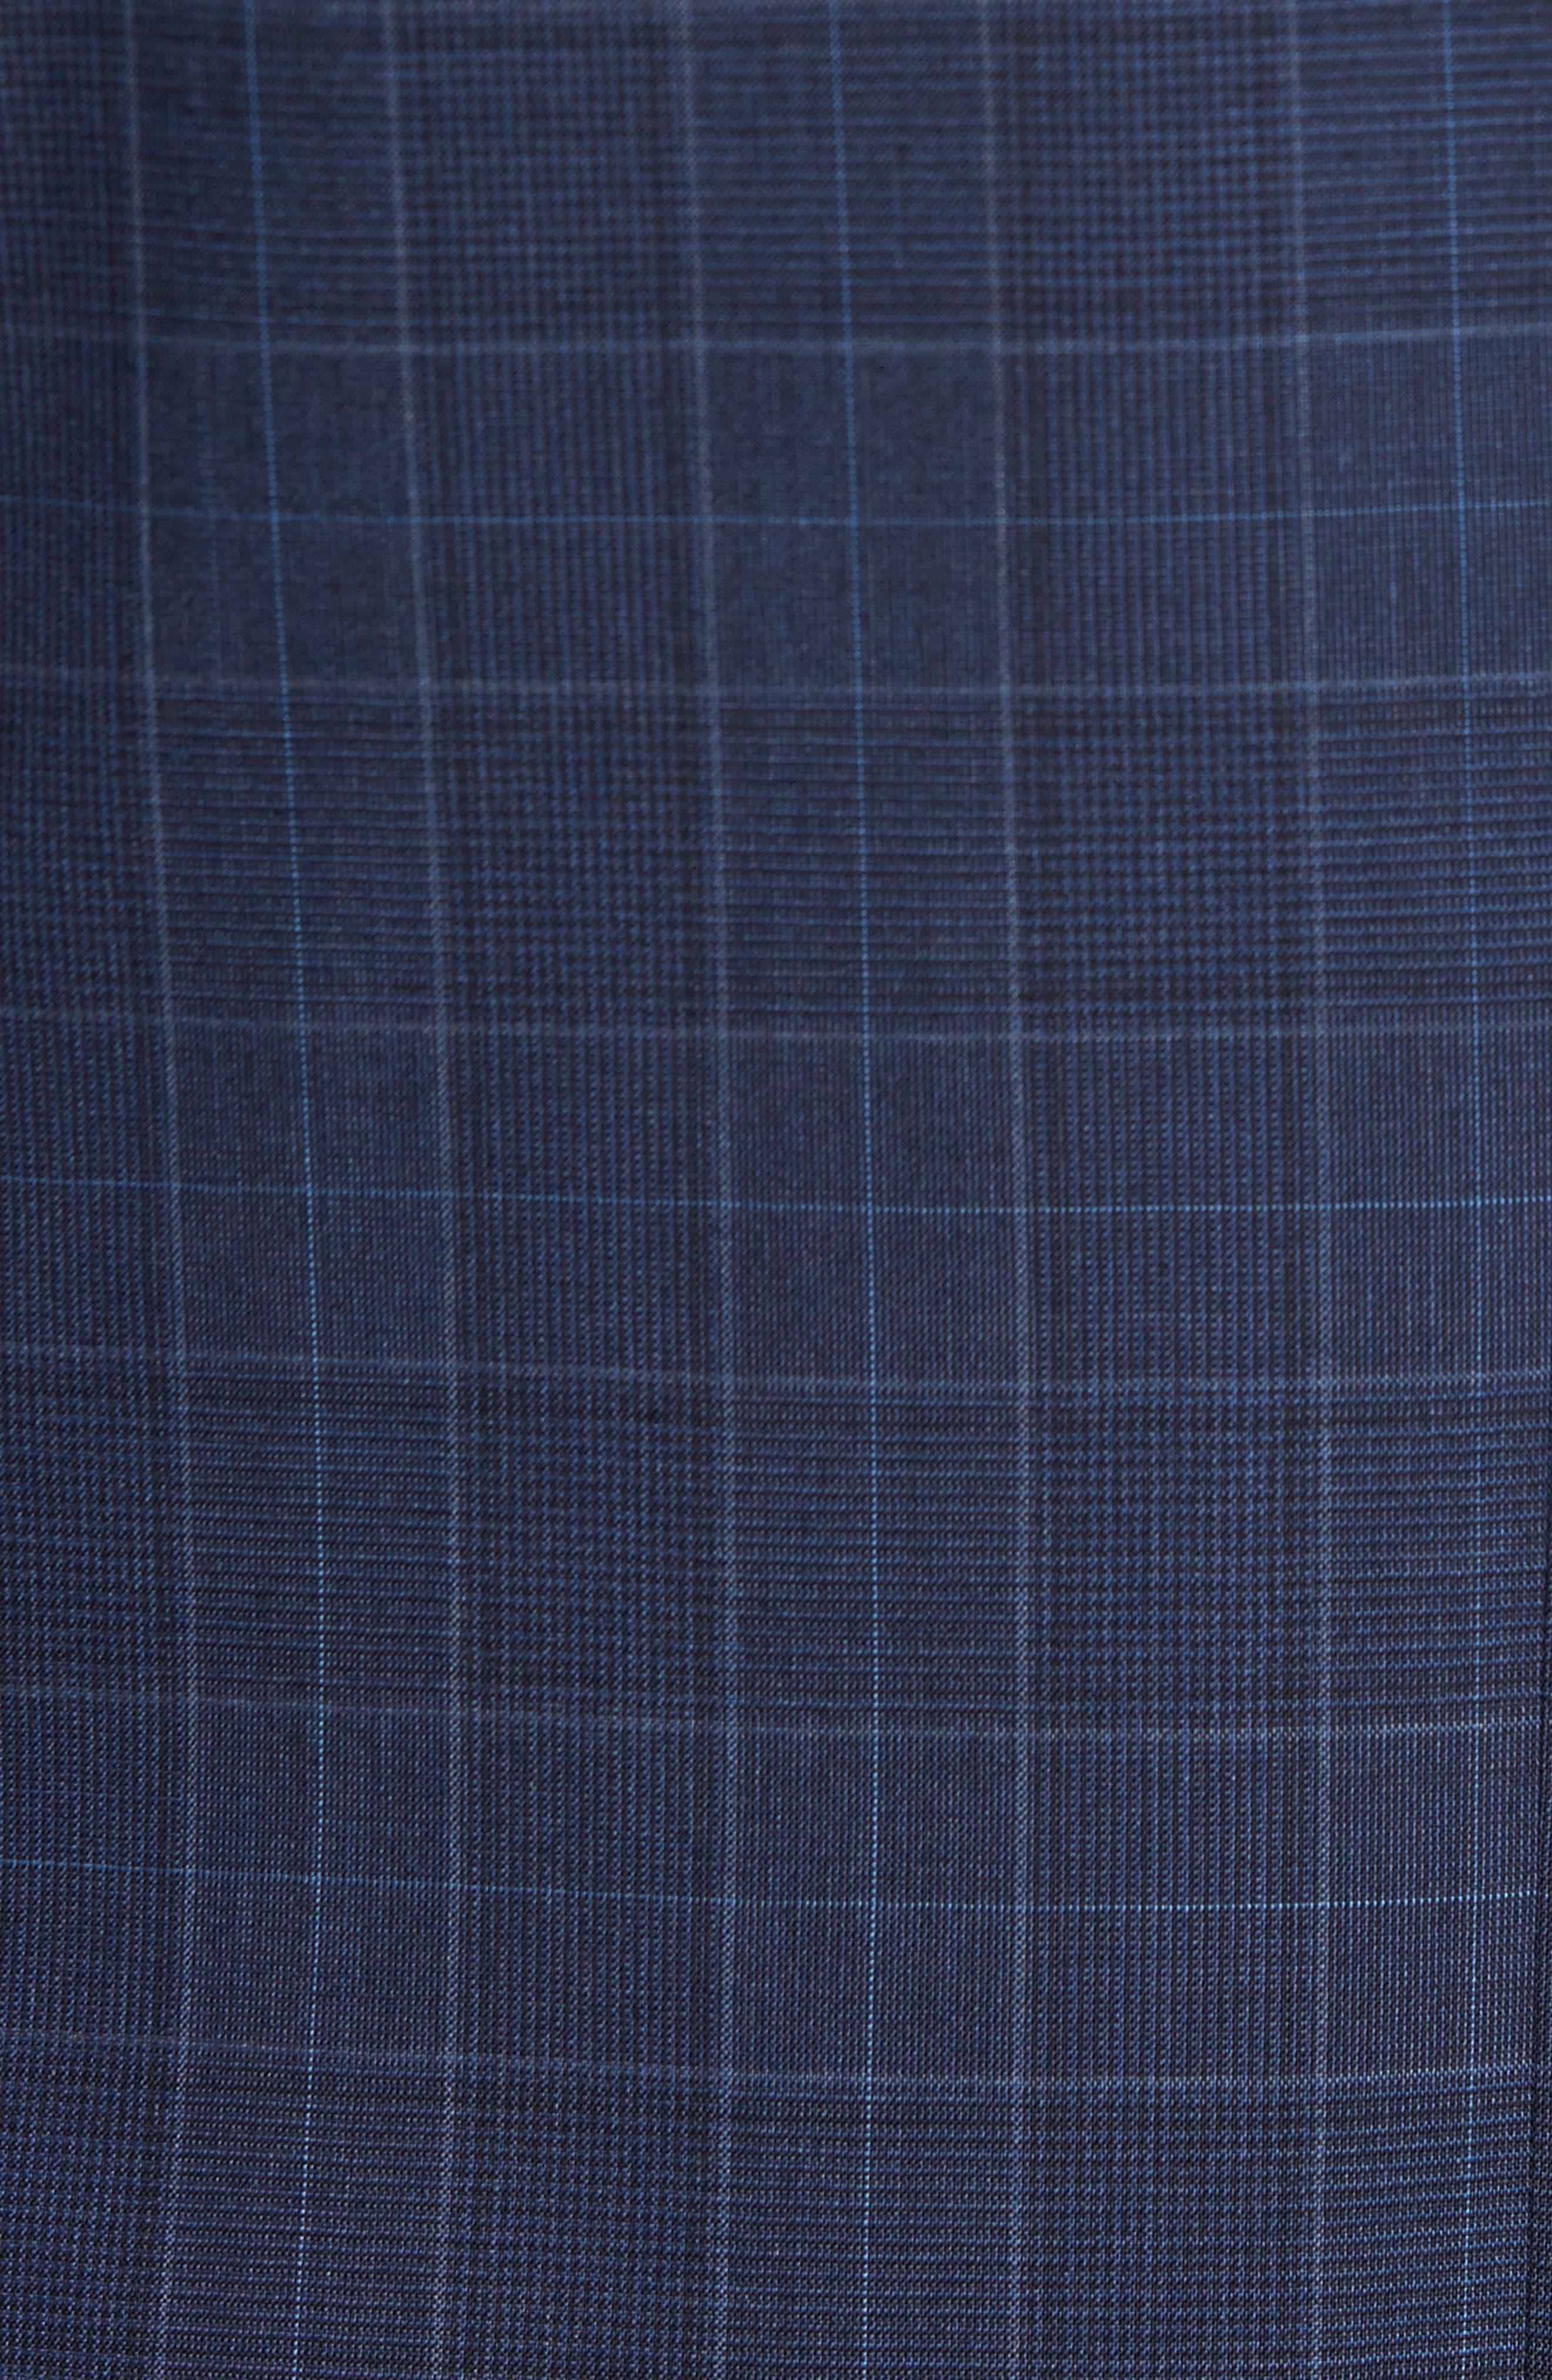 Hutson/Gander Trim Fit Plaid Wool Suit,                             Alternate thumbnail 7, color,                             Navy